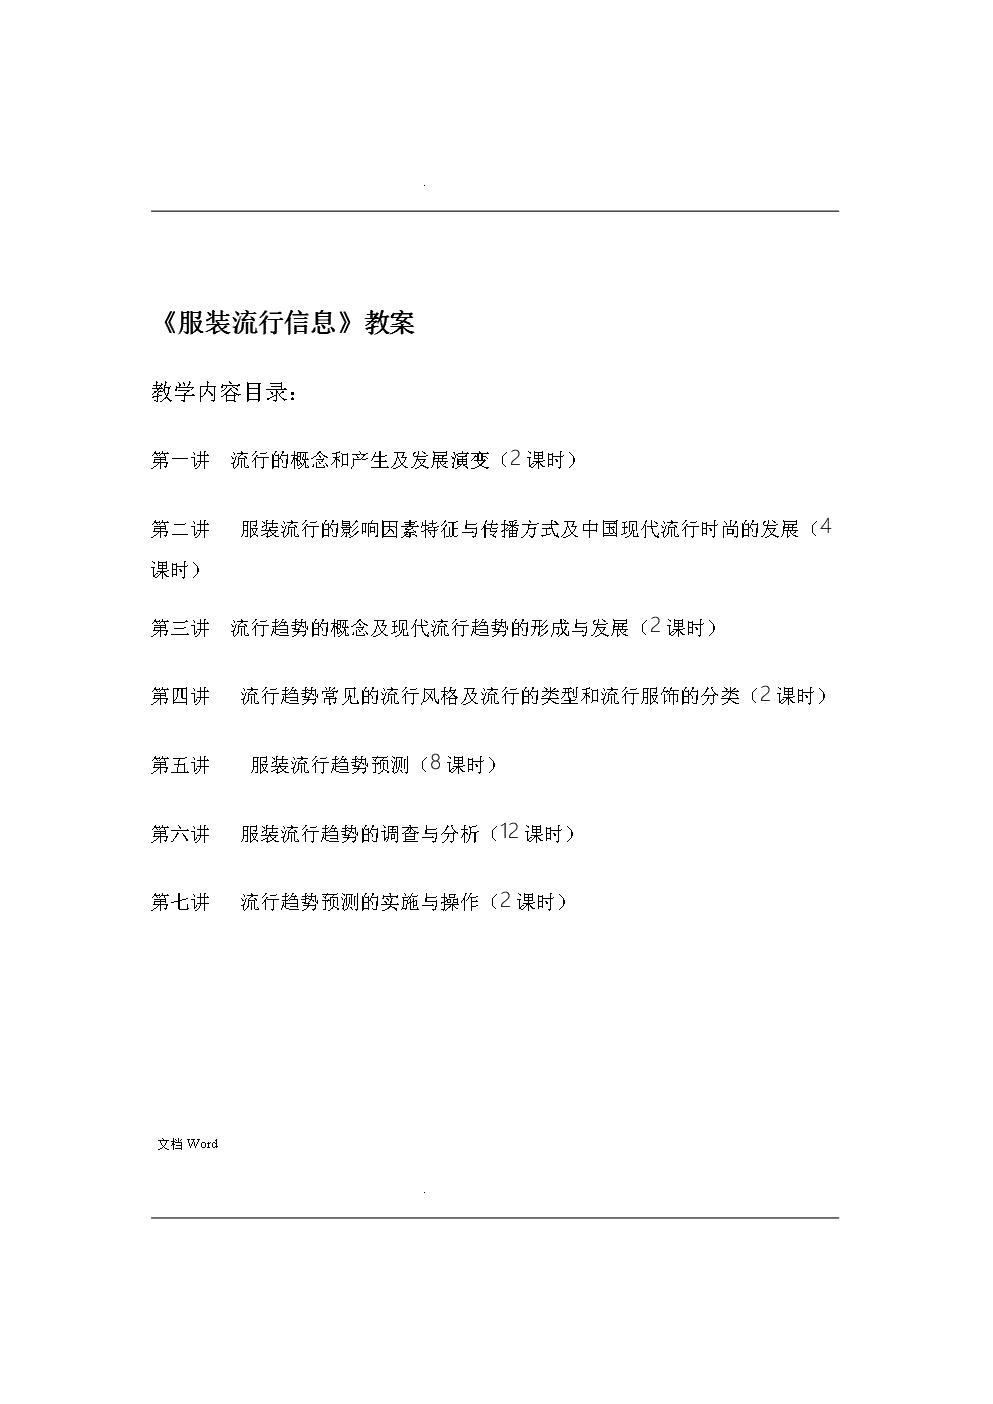 服装流行信息教案.doc